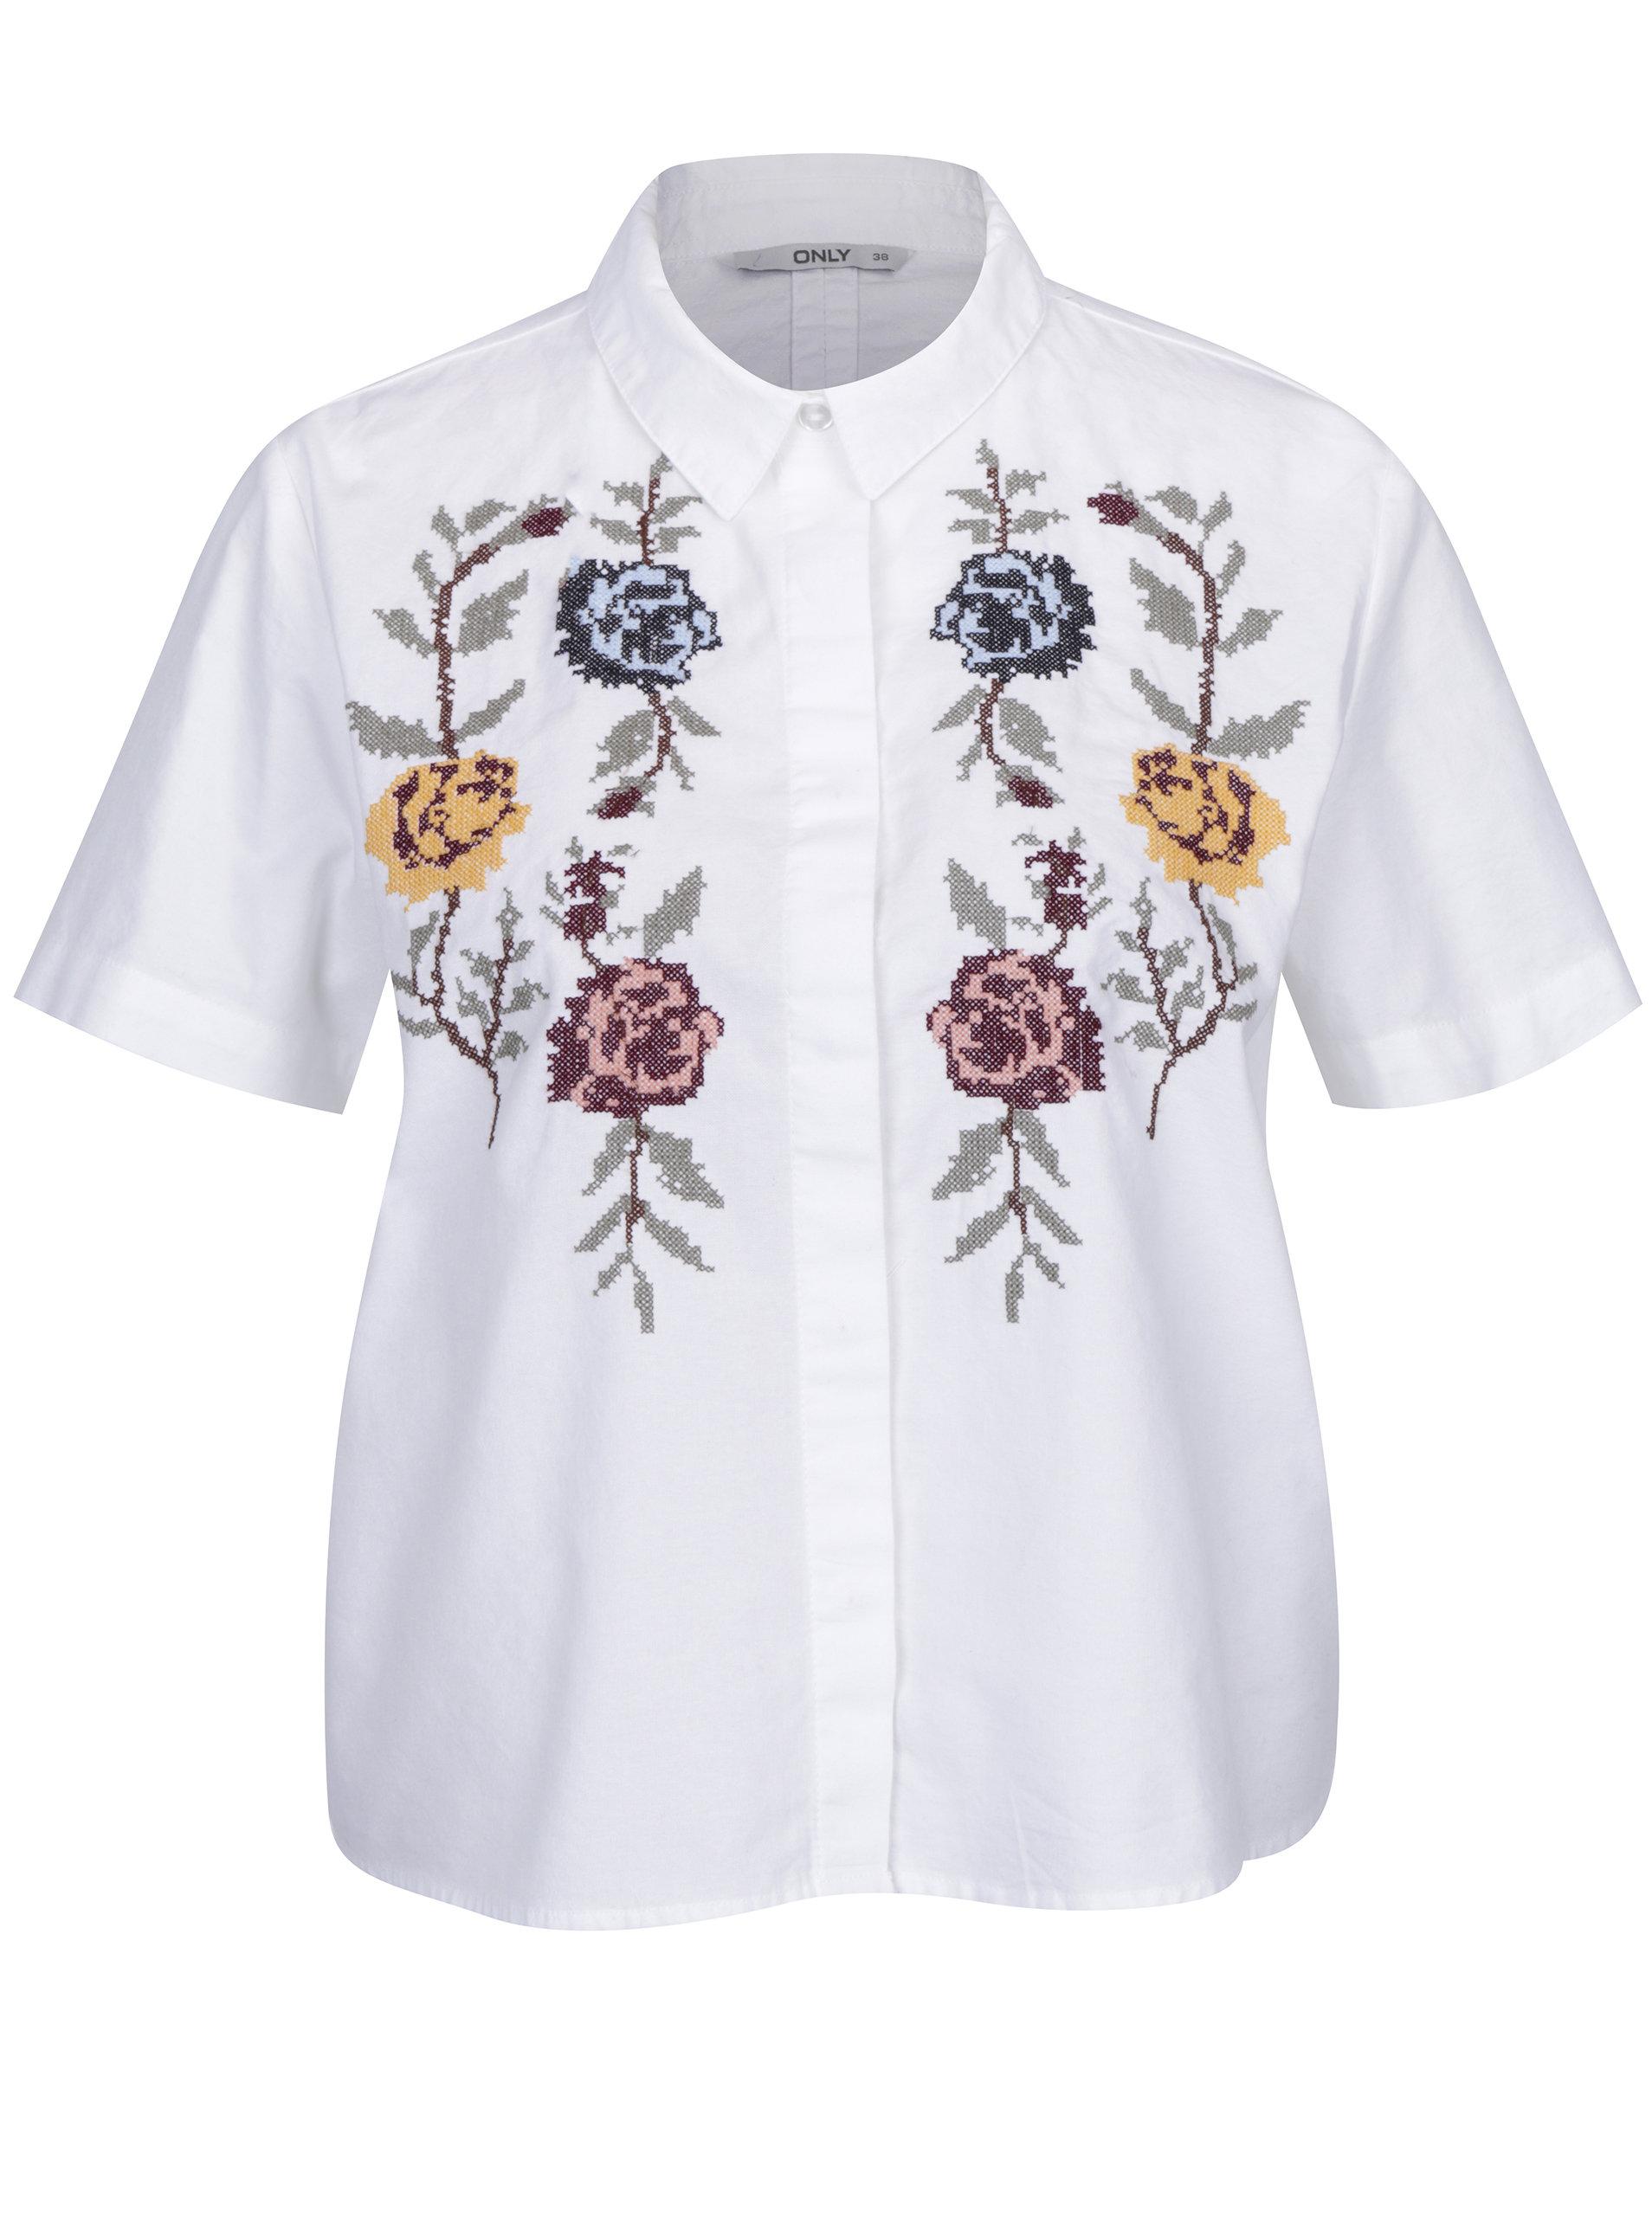 Bílá krátká košile s výšivkou květin ONLY Gala ... f30e16dfa0